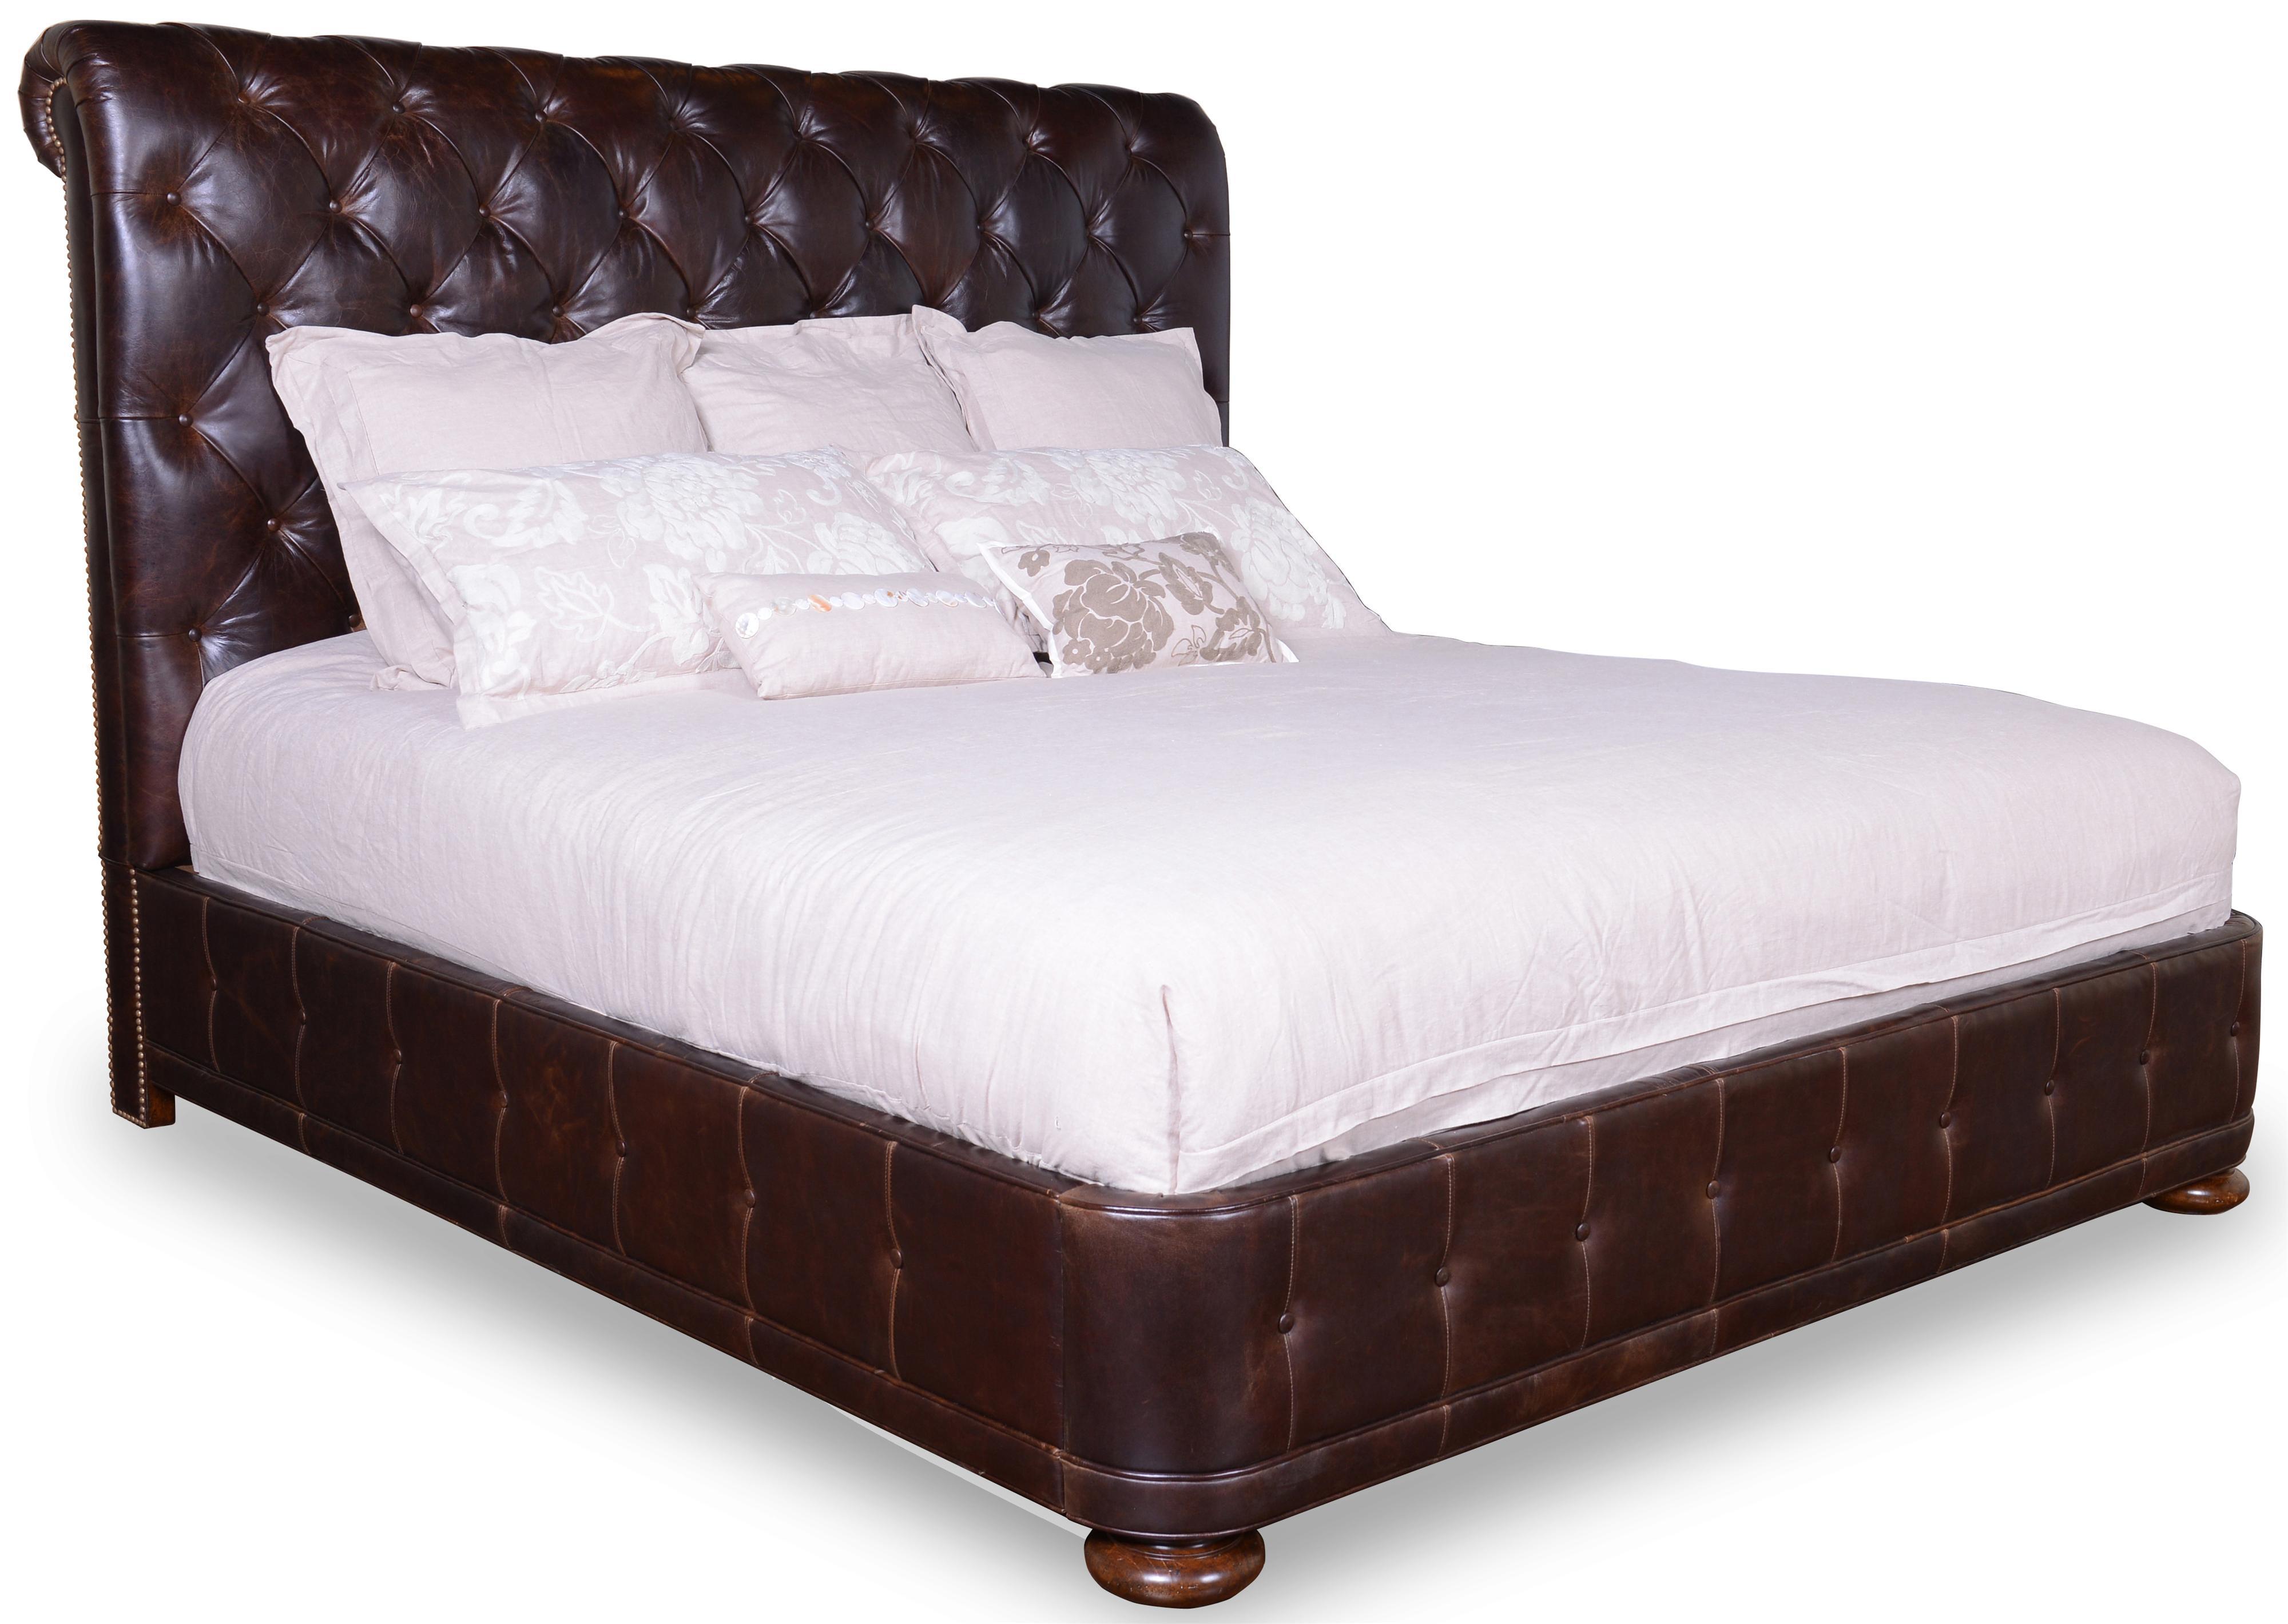 Belfort Signature Belvedere King Upholstered Platform Bed - Item Number: 205136-2304